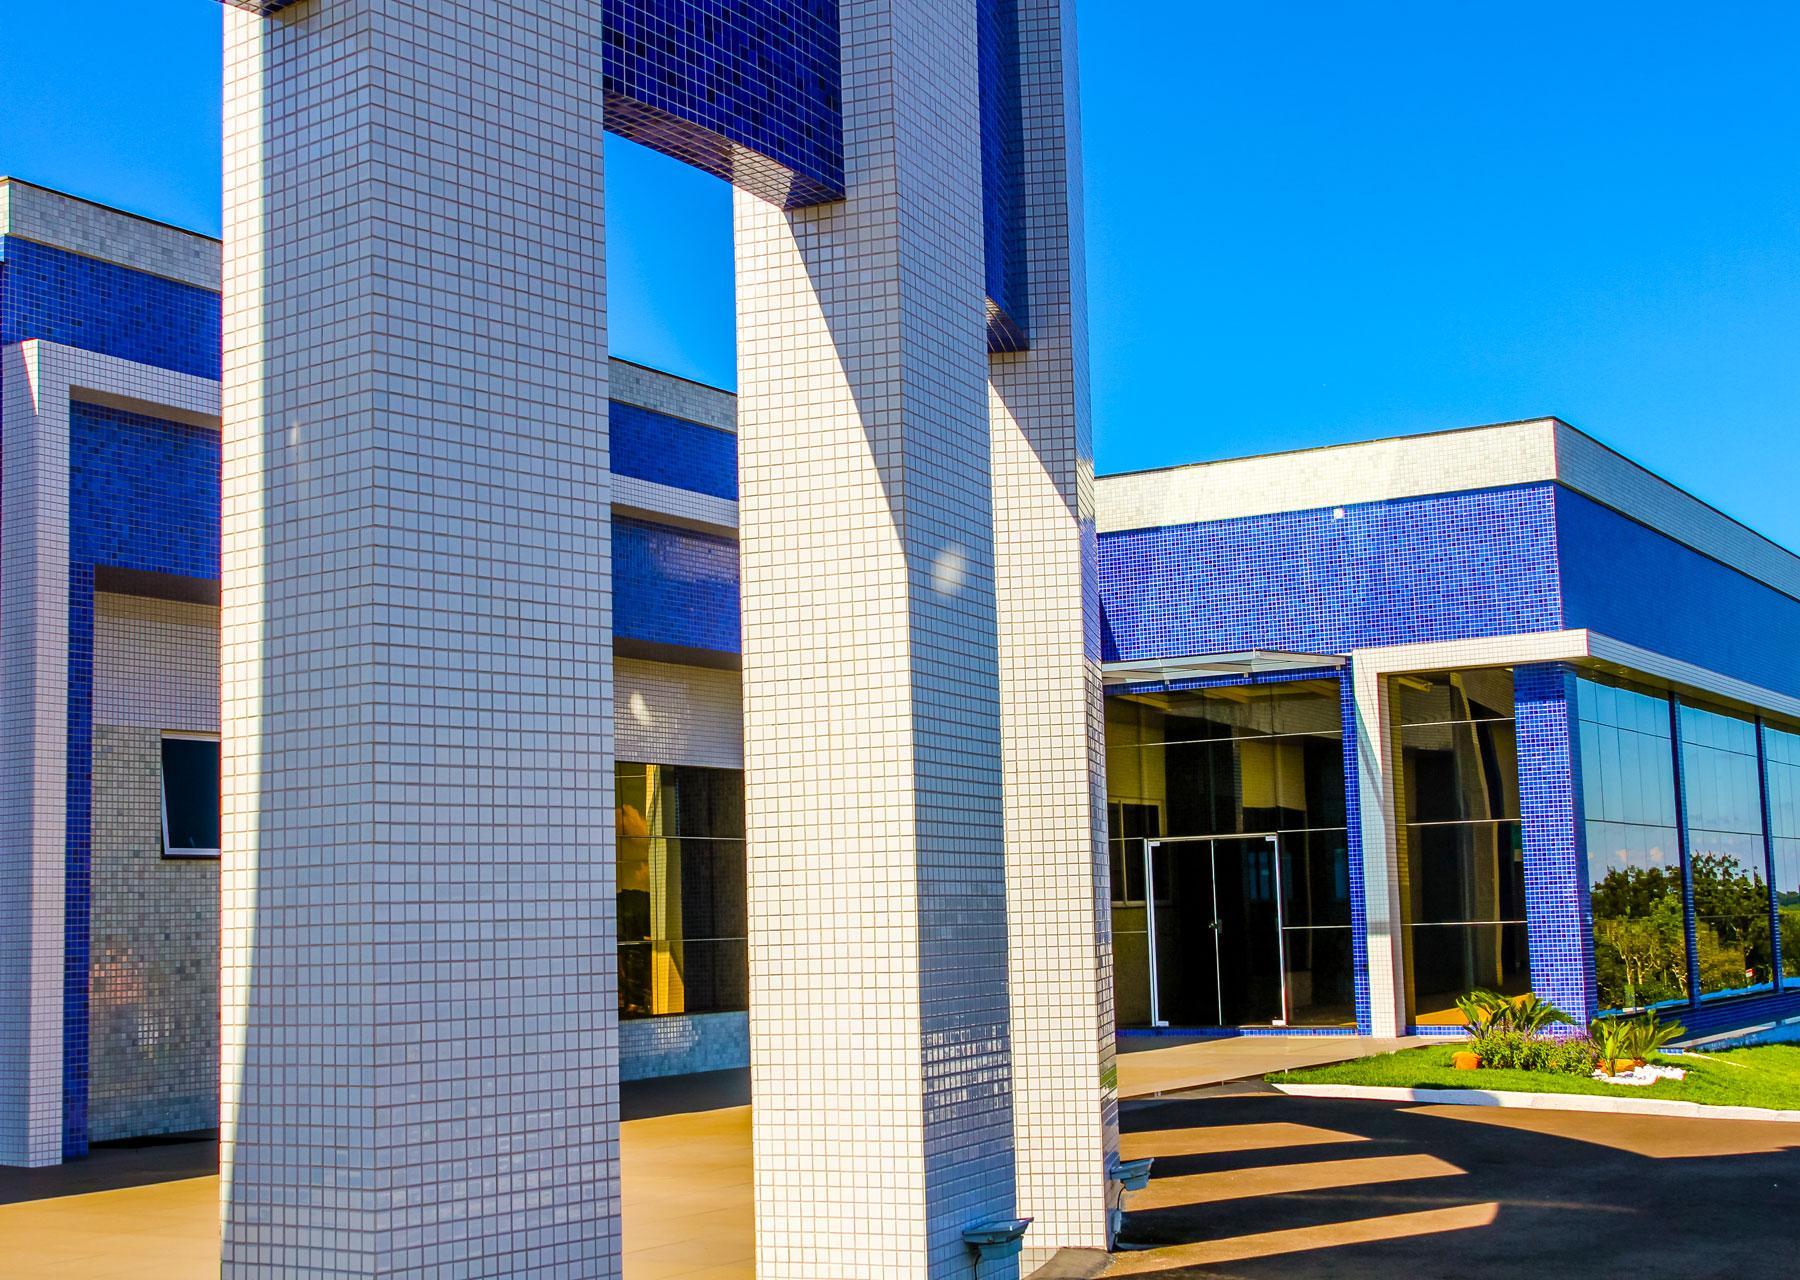 Fachada da sede da CISS S.A | Gestão para o Varejo